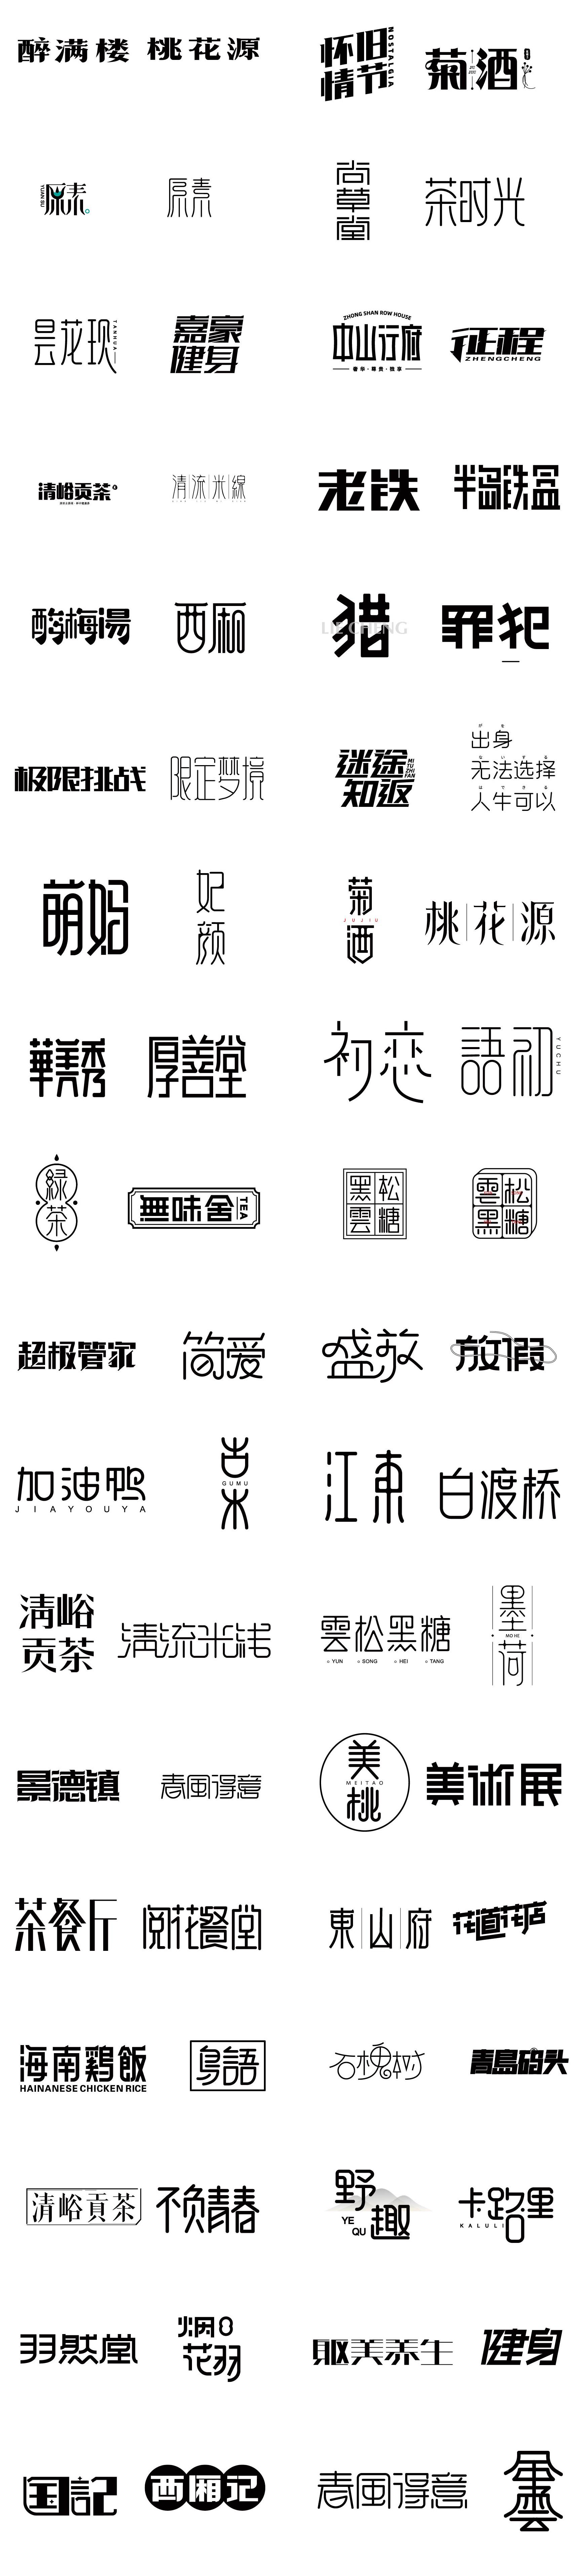 字体设计兵法——结构36技